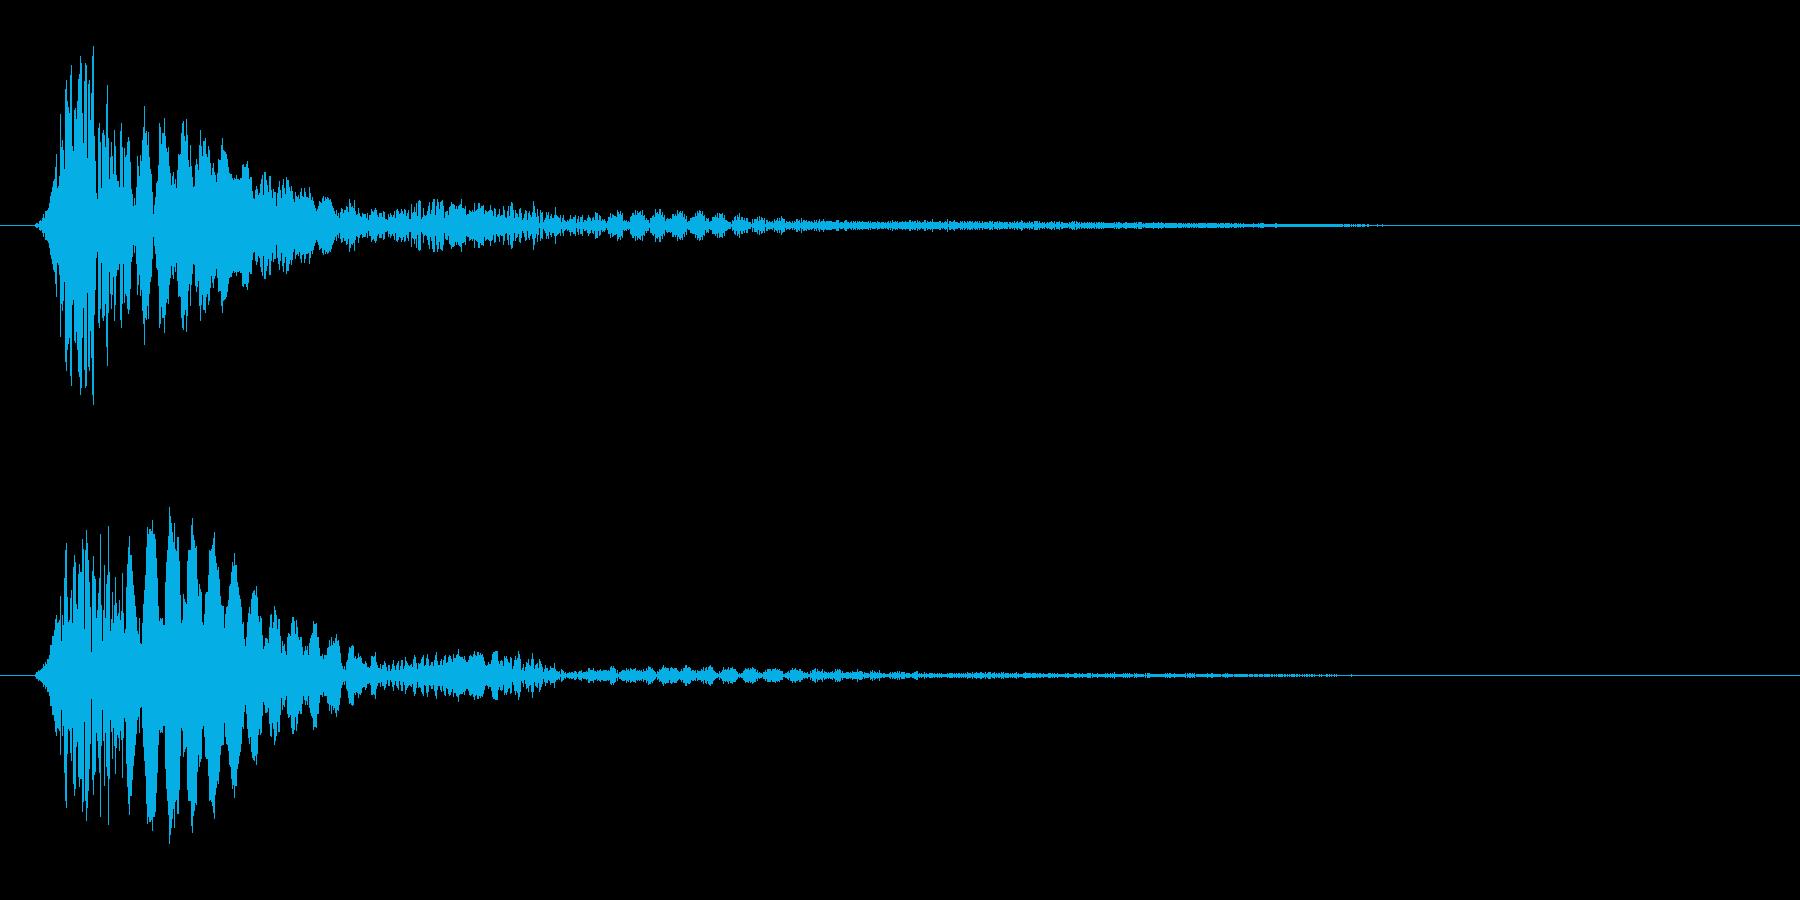 ビョン(プラスチックや弦を弾いた音)の再生済みの波形